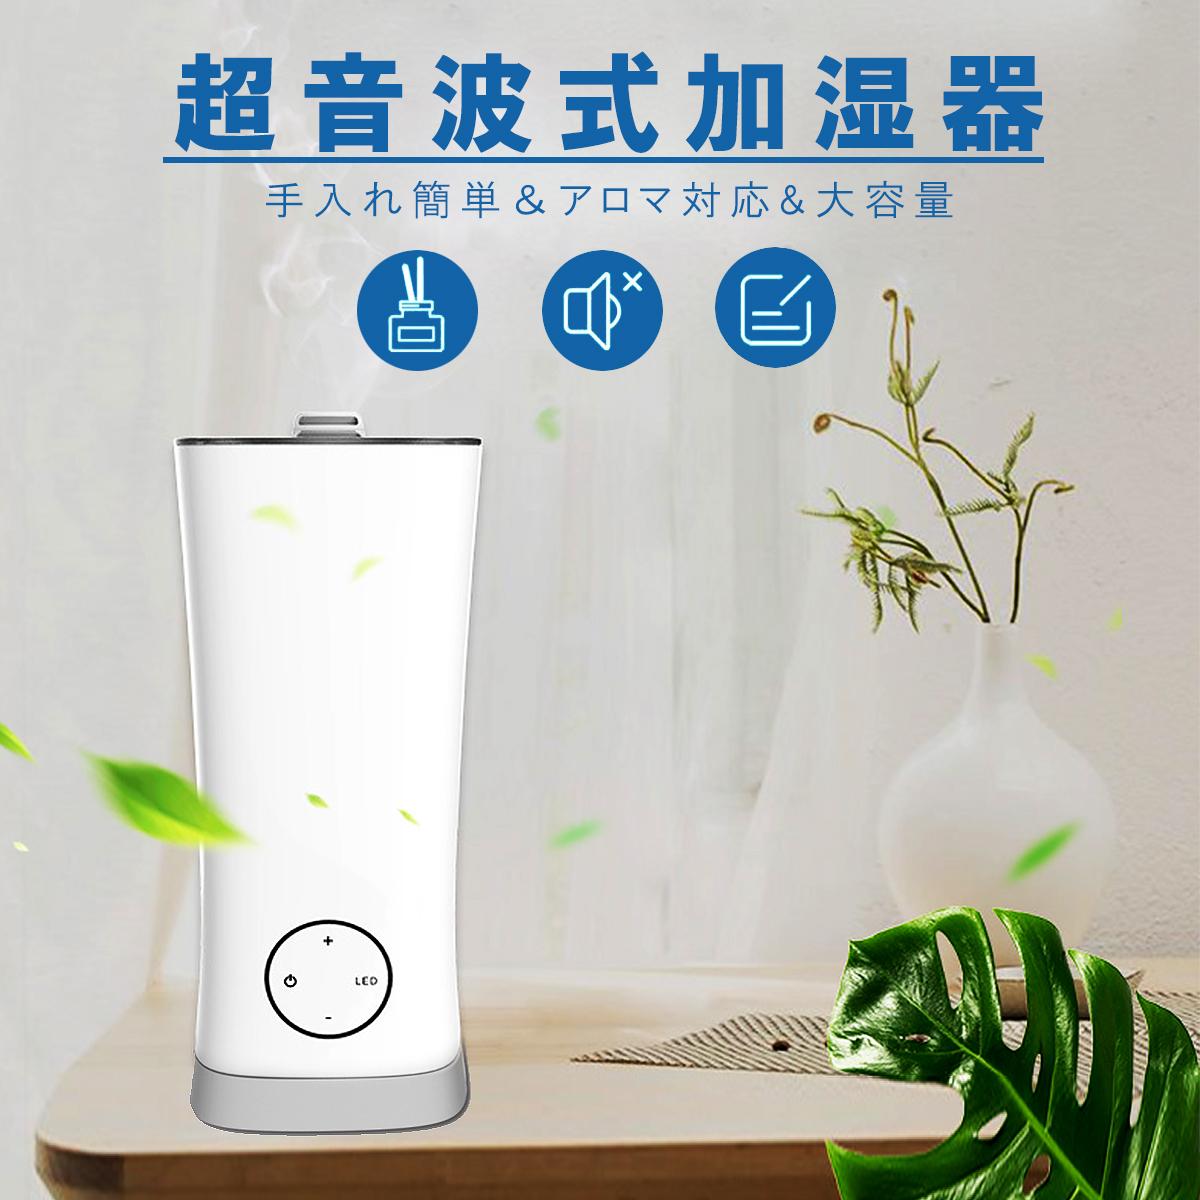 加湿器 超音波式 2L 大容量 LEDディスプレイ搭載 タイマー機能 アロマ対応 360℃自由回転ノズル 静音 抗菌 空焚き防止 オフィス/家庭用